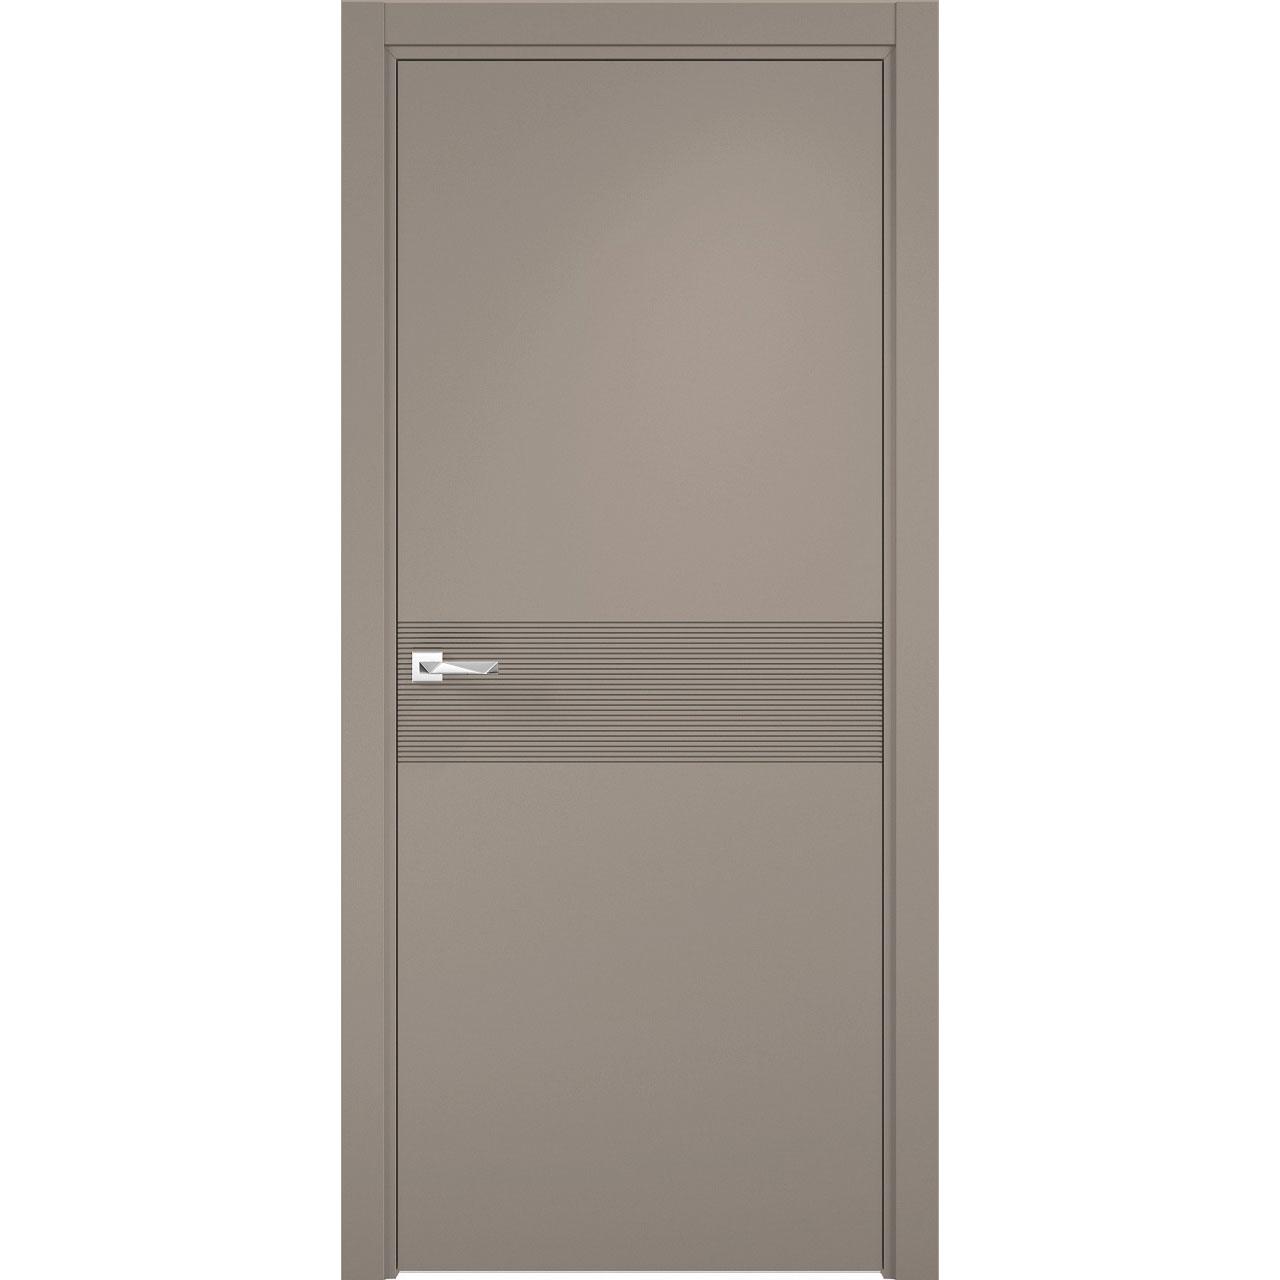 Межкомнатная дверь эмалит «Севилья 17» (глухая)